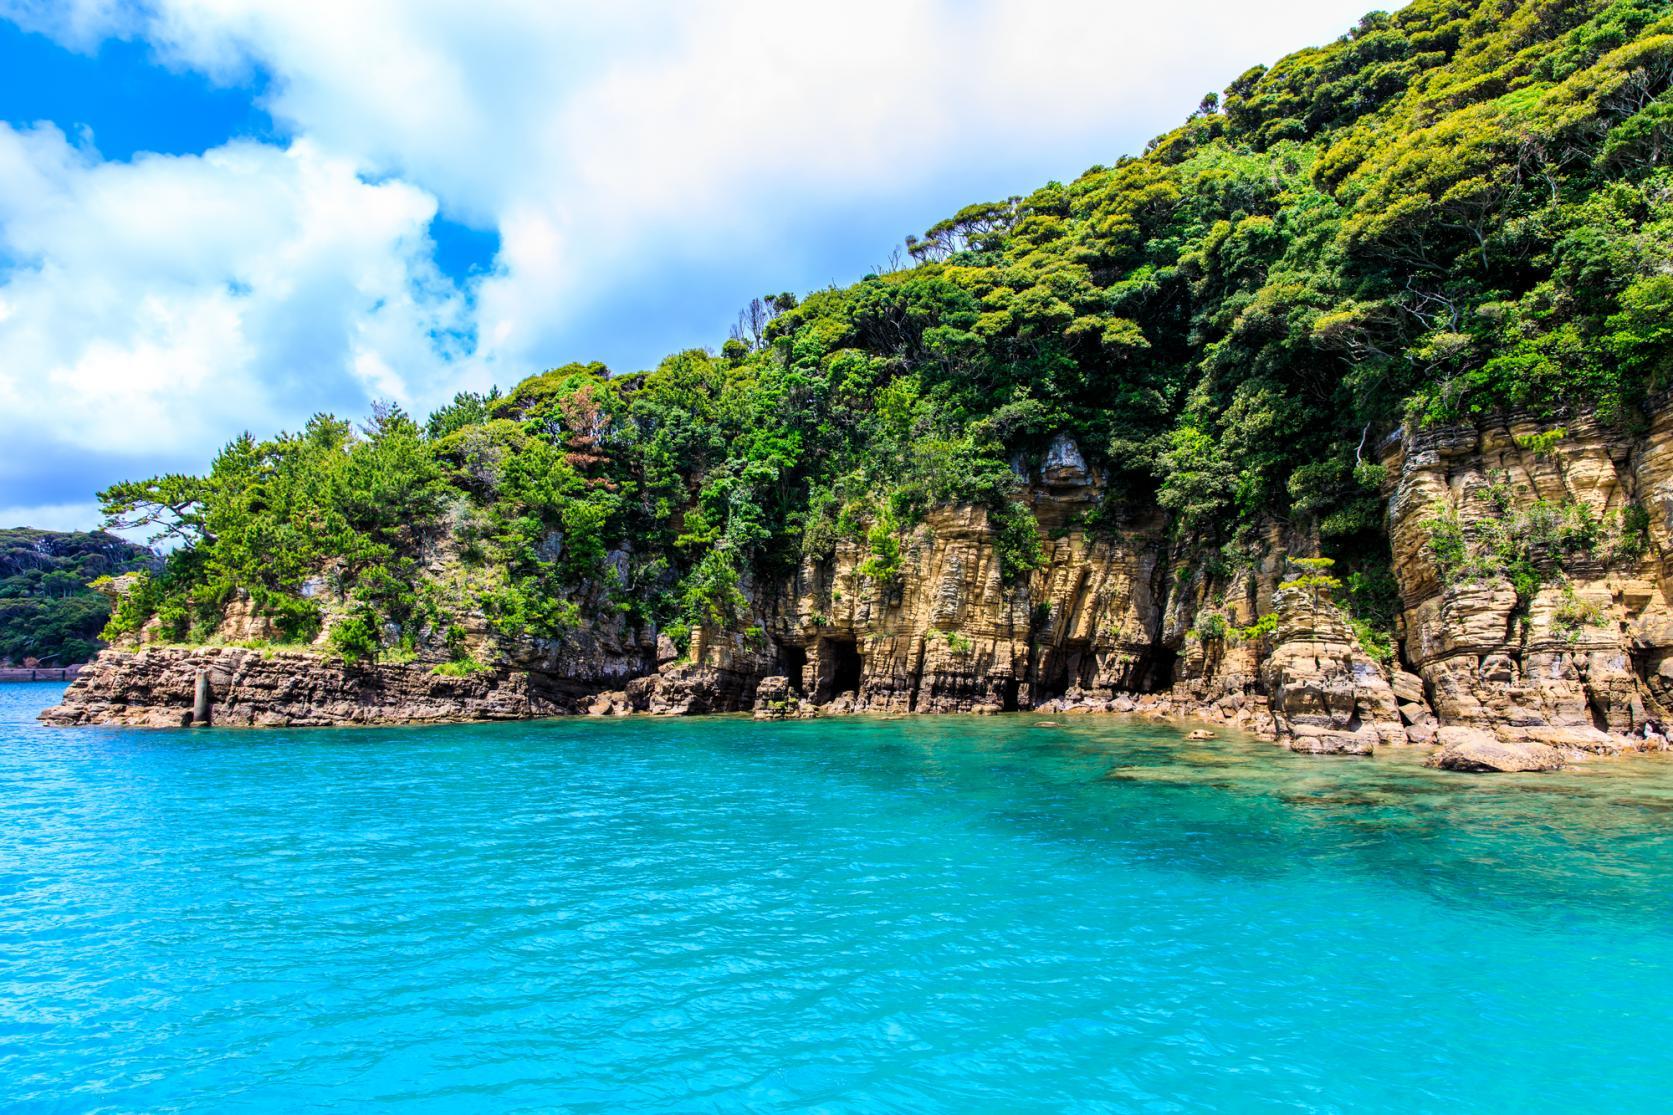 エメラルドグリーンの海、猿、鬼、鼻!?写真映えする壱岐島の絶景スポットの数々。-0